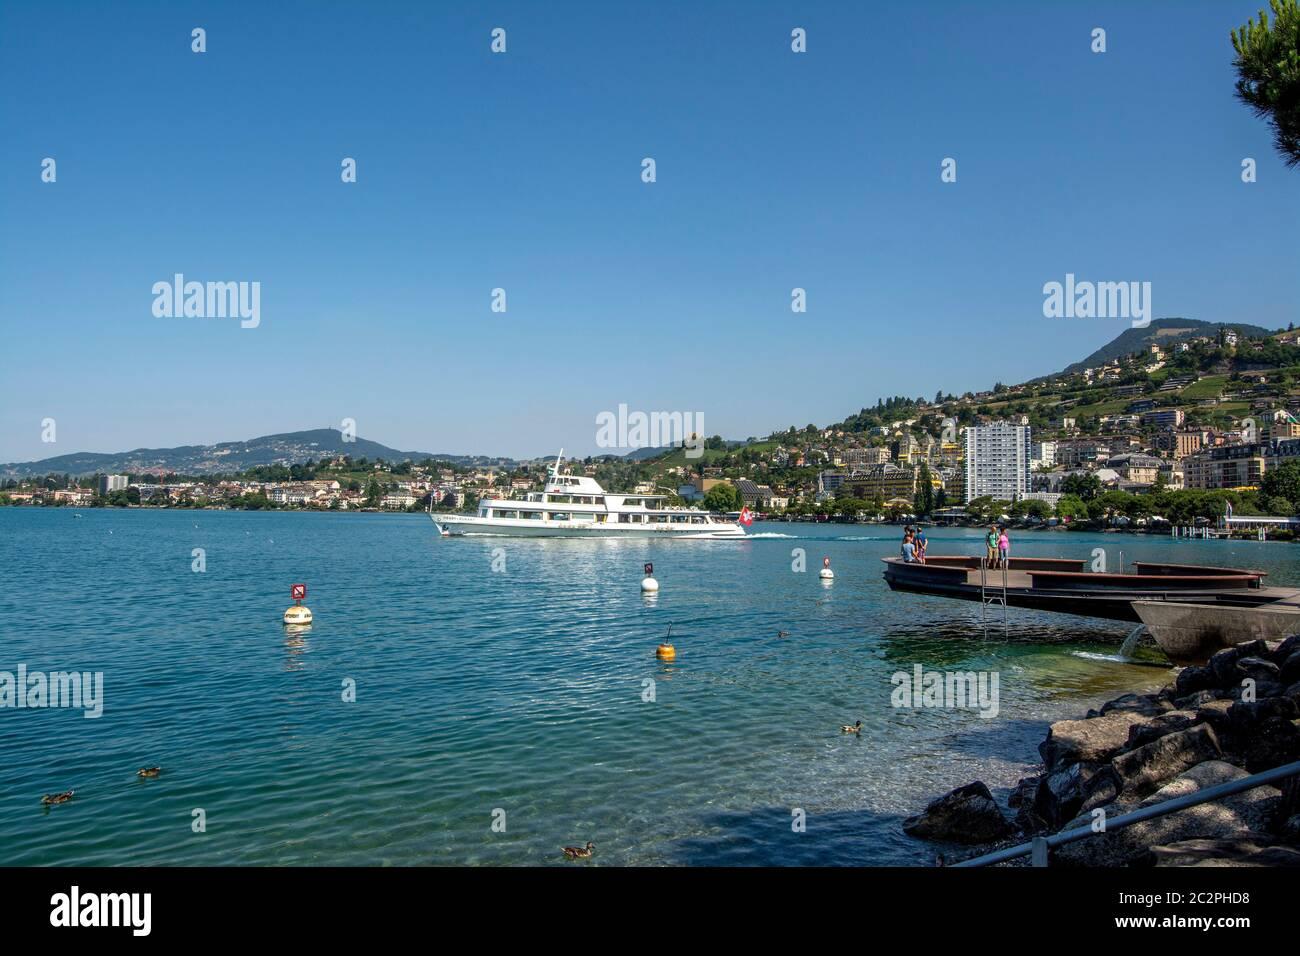 Ferry boat on Lake Geneva near Montreux, Switzerland Stock Photo